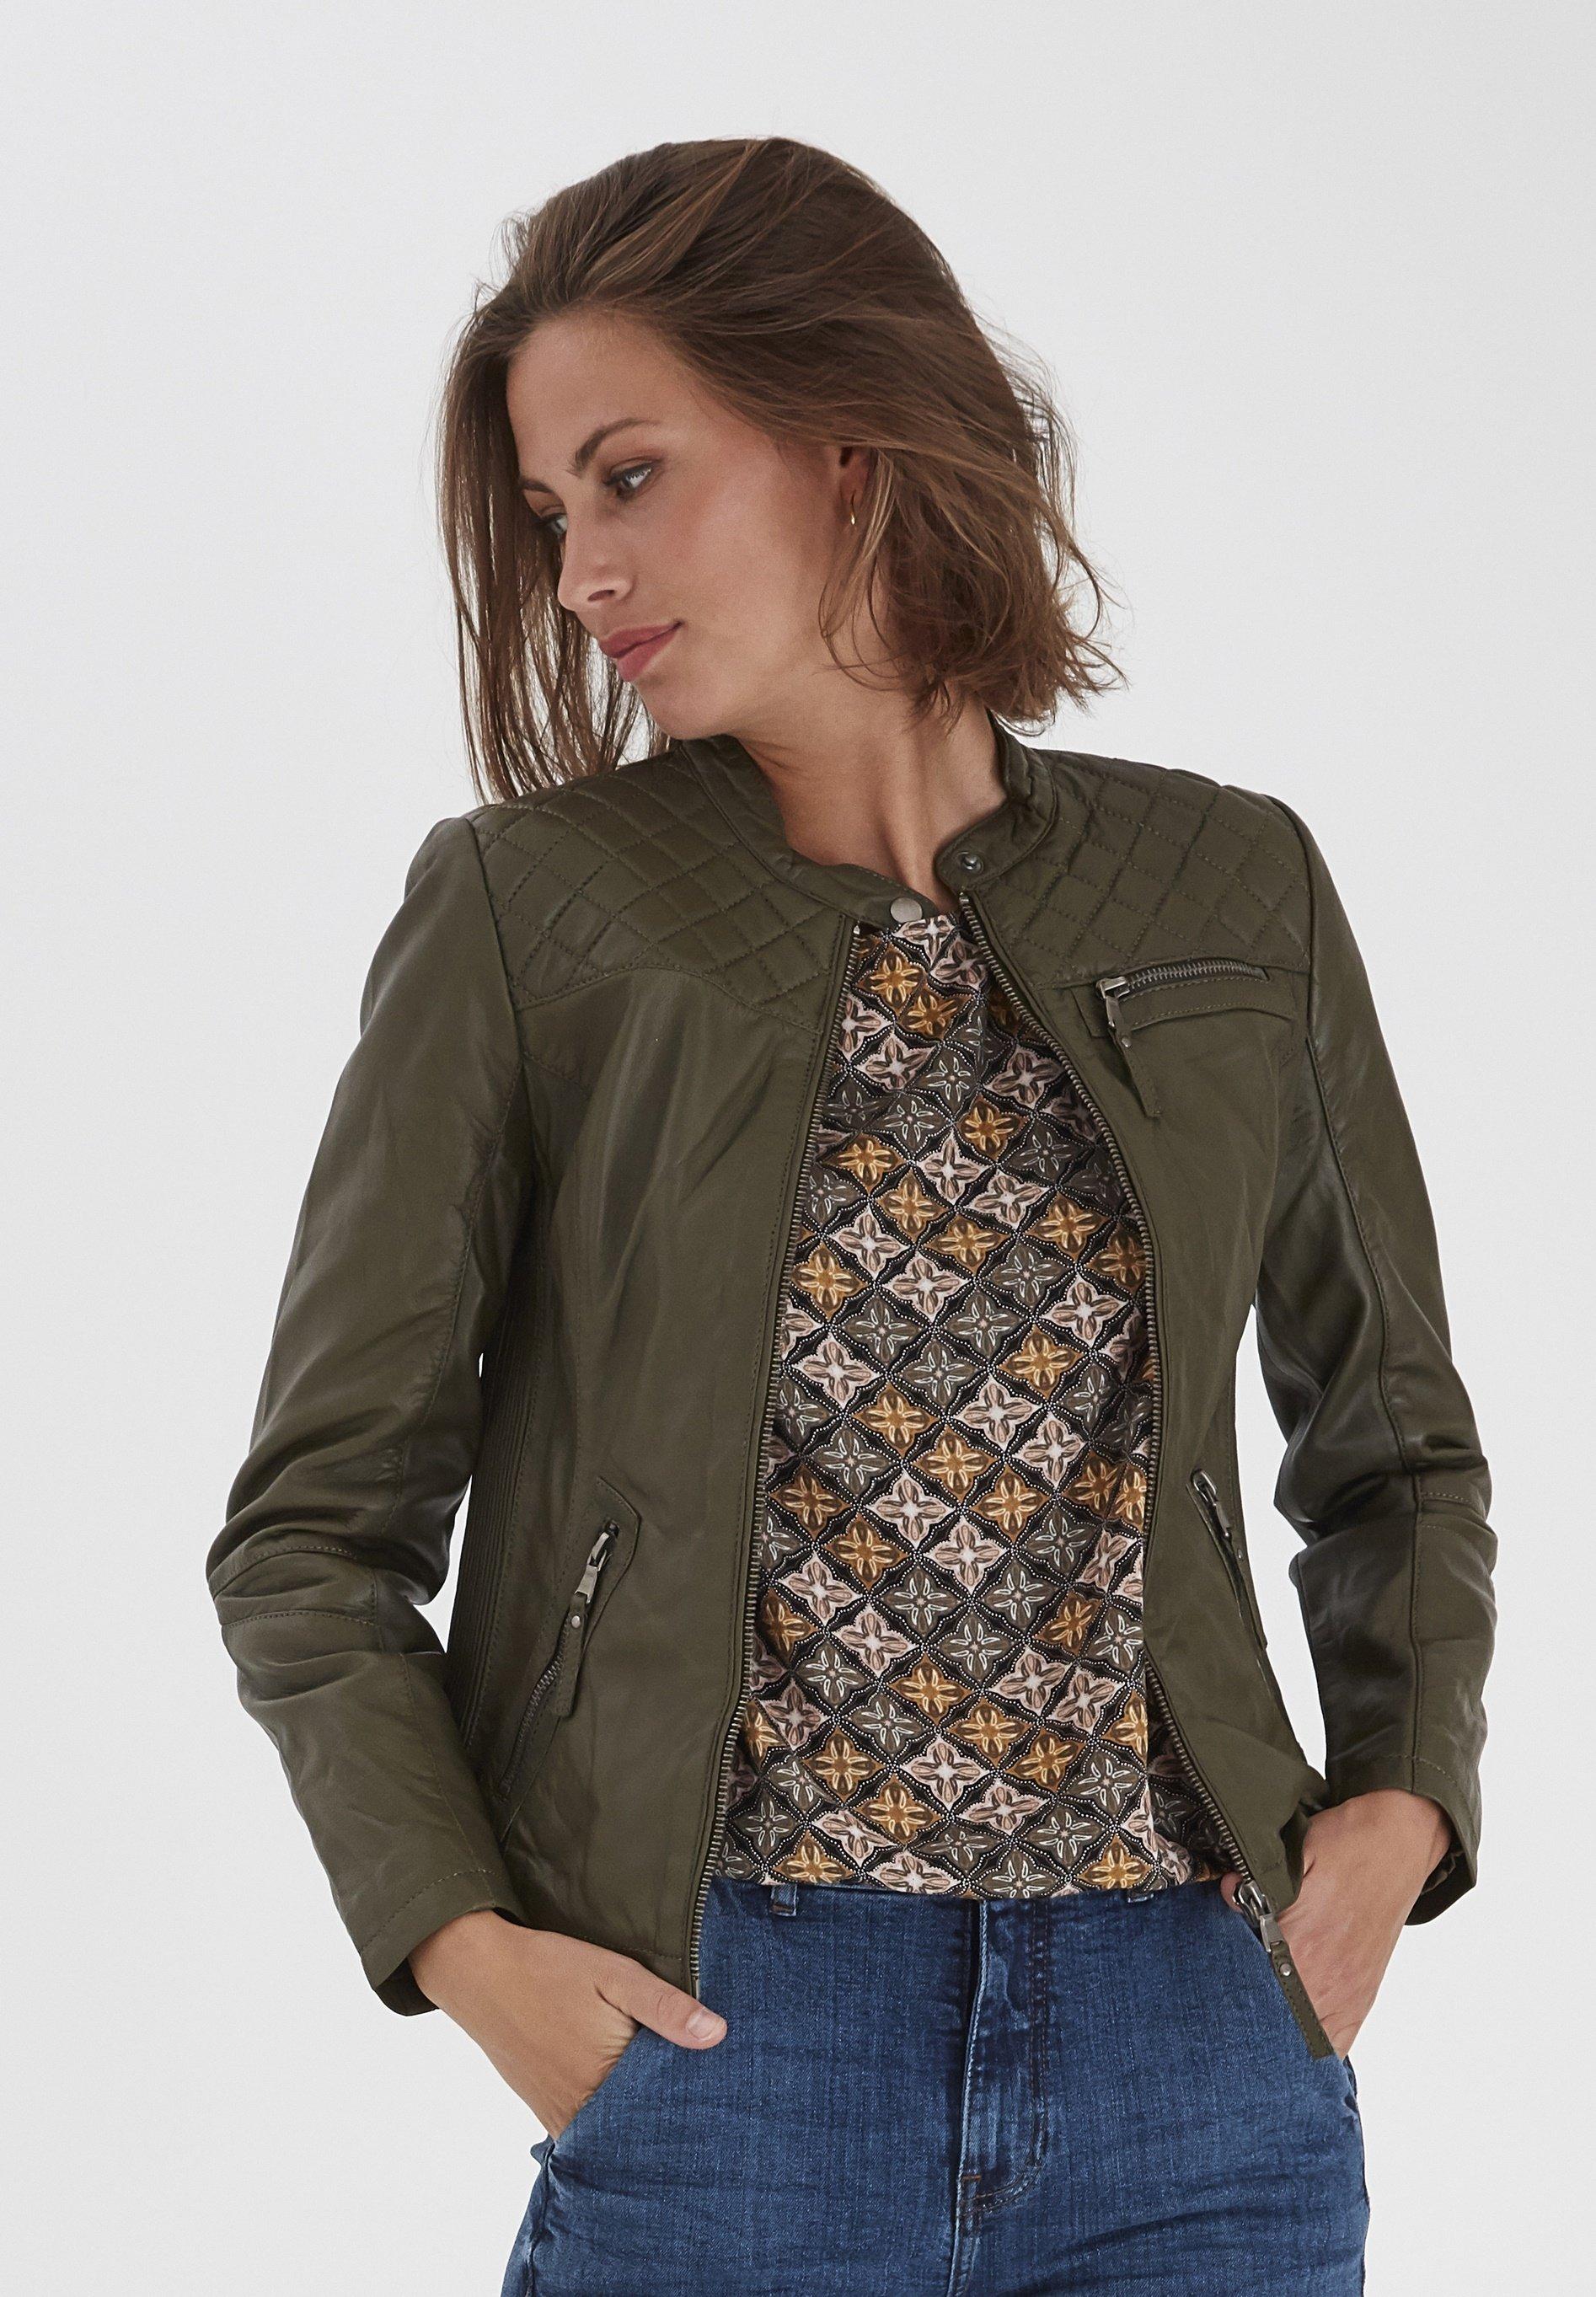 Groene Leren jassen dames online kopen   Gratis verzending